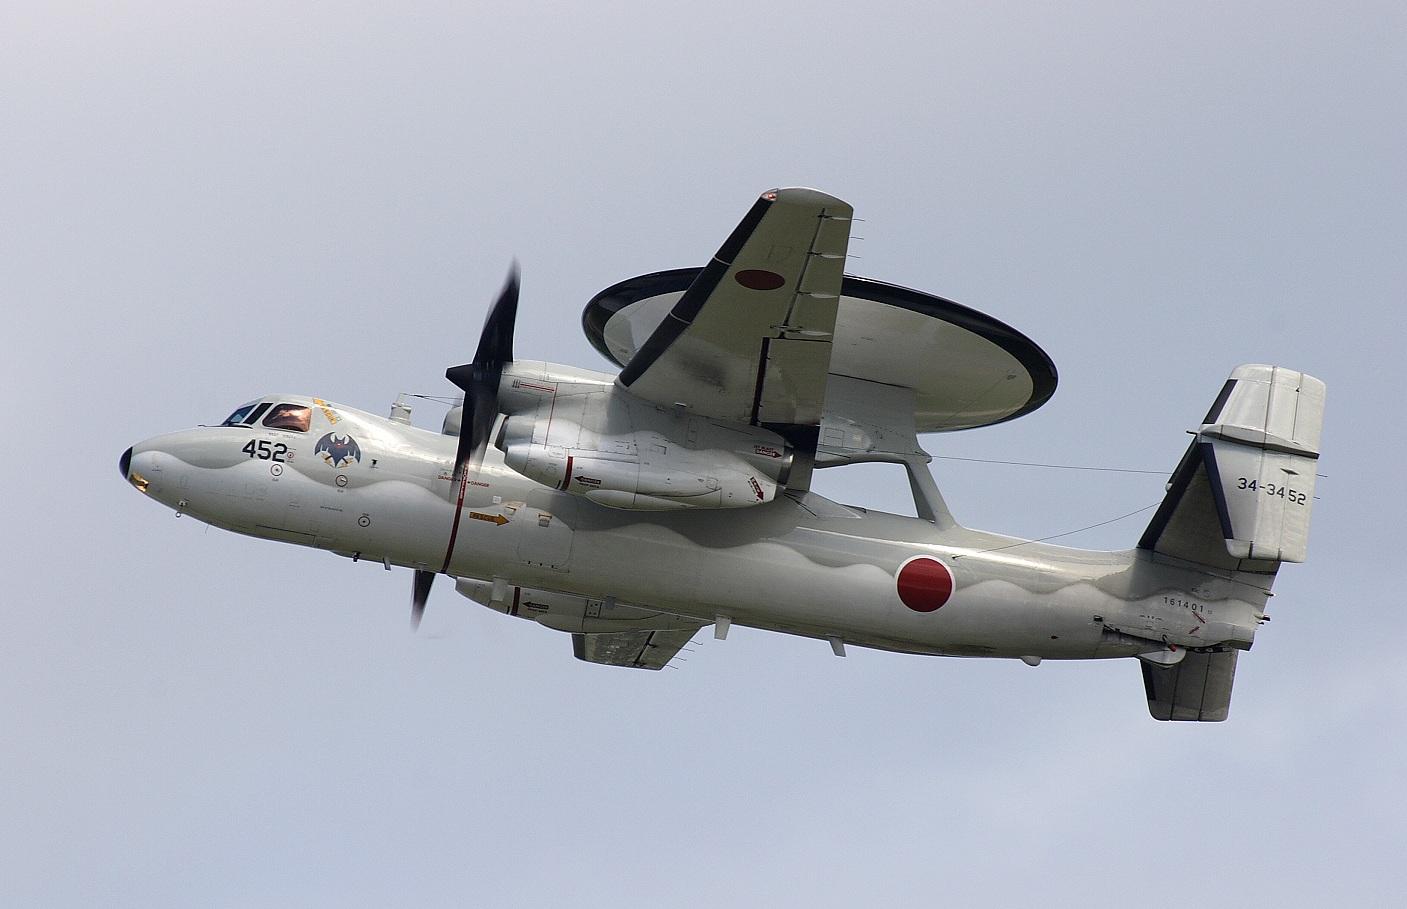 Japanese E-2C Hawkeye (JASDF Photo)